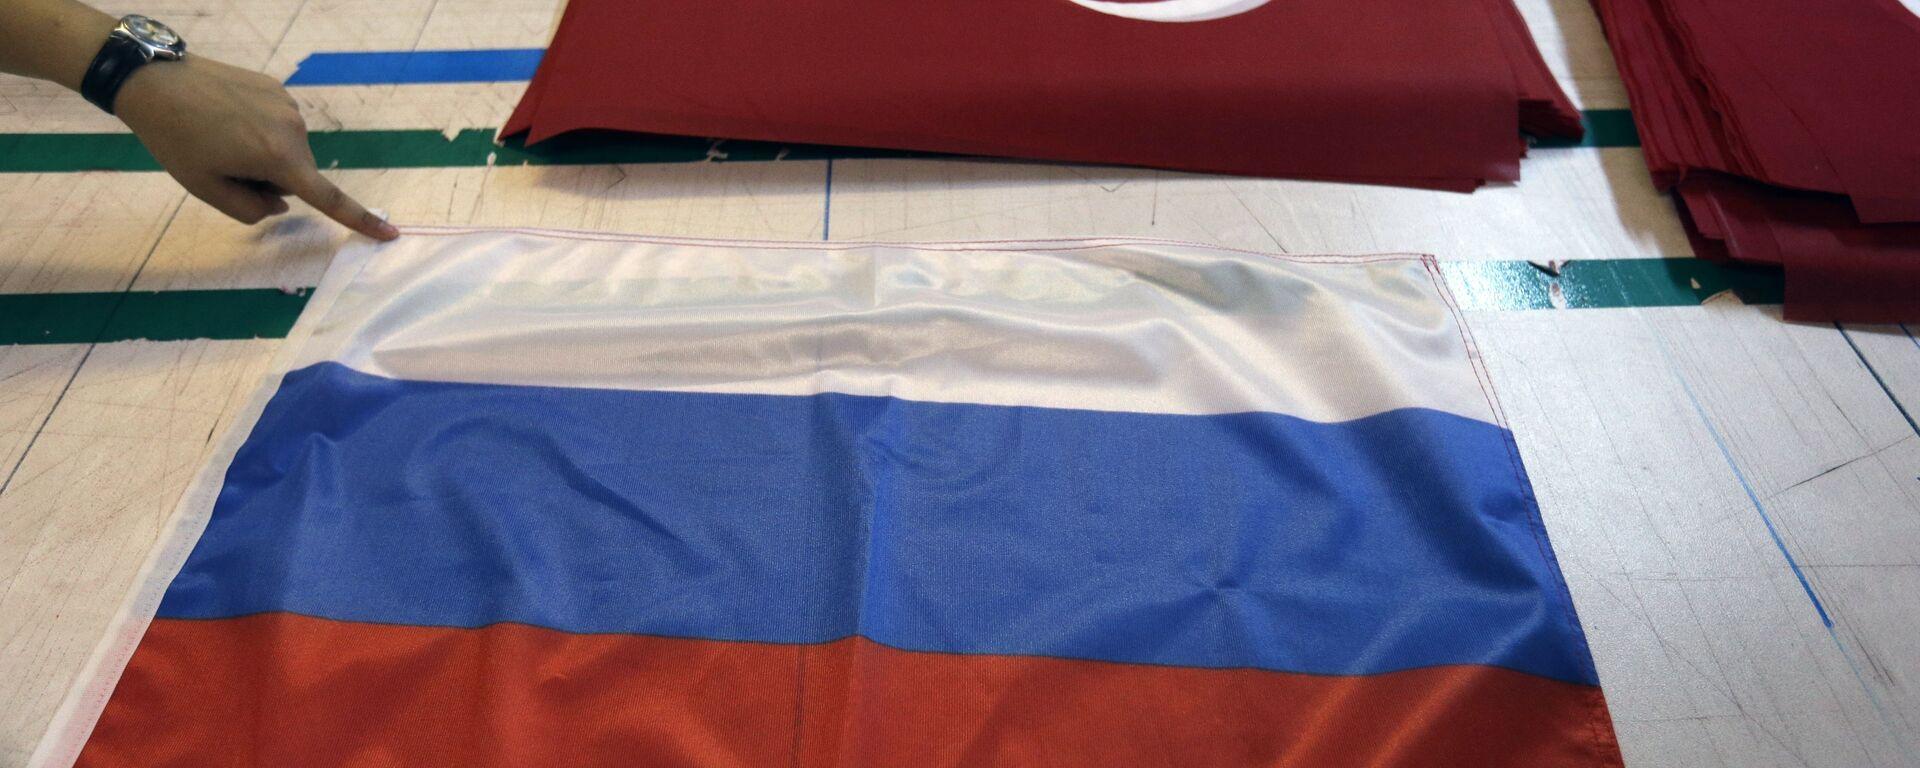 Banderas de Rusia y Turquía - Sputnik Mundo, 1920, 27.07.2021